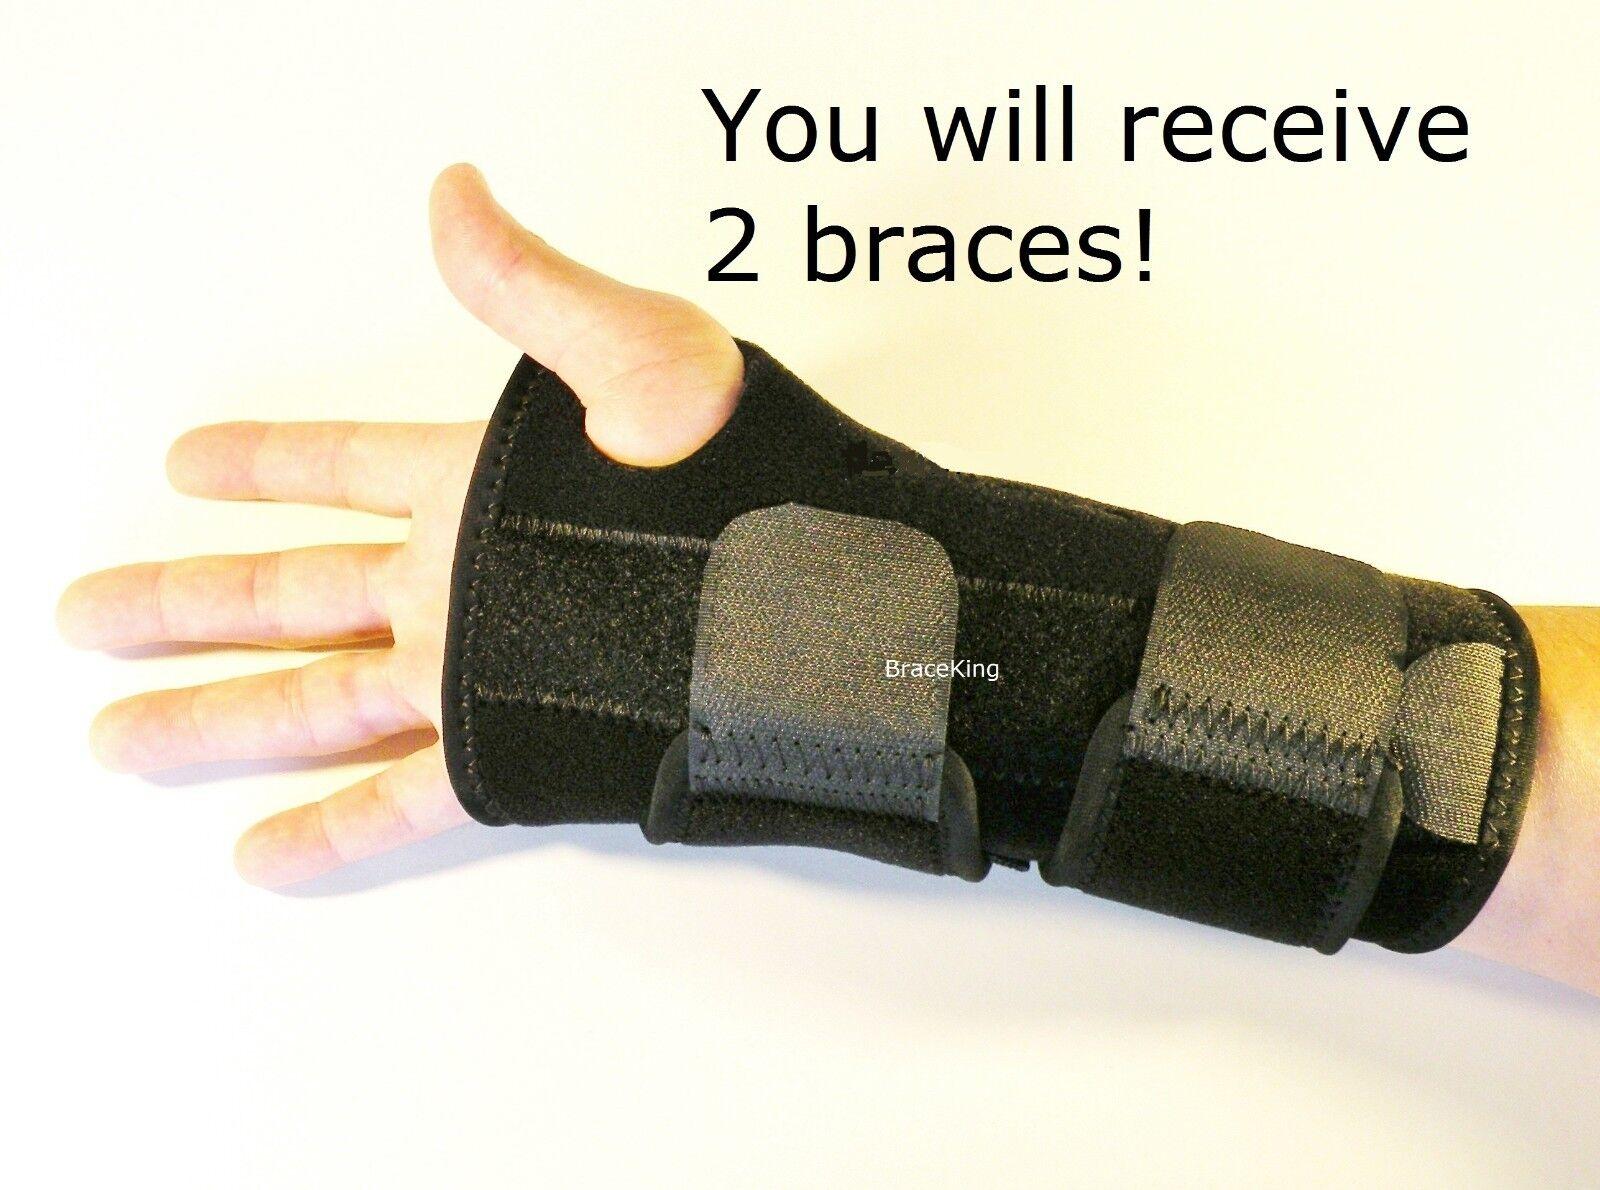 FDA APPROVED 2 Carpal Tunnel Wrist Brace Support Splint by B